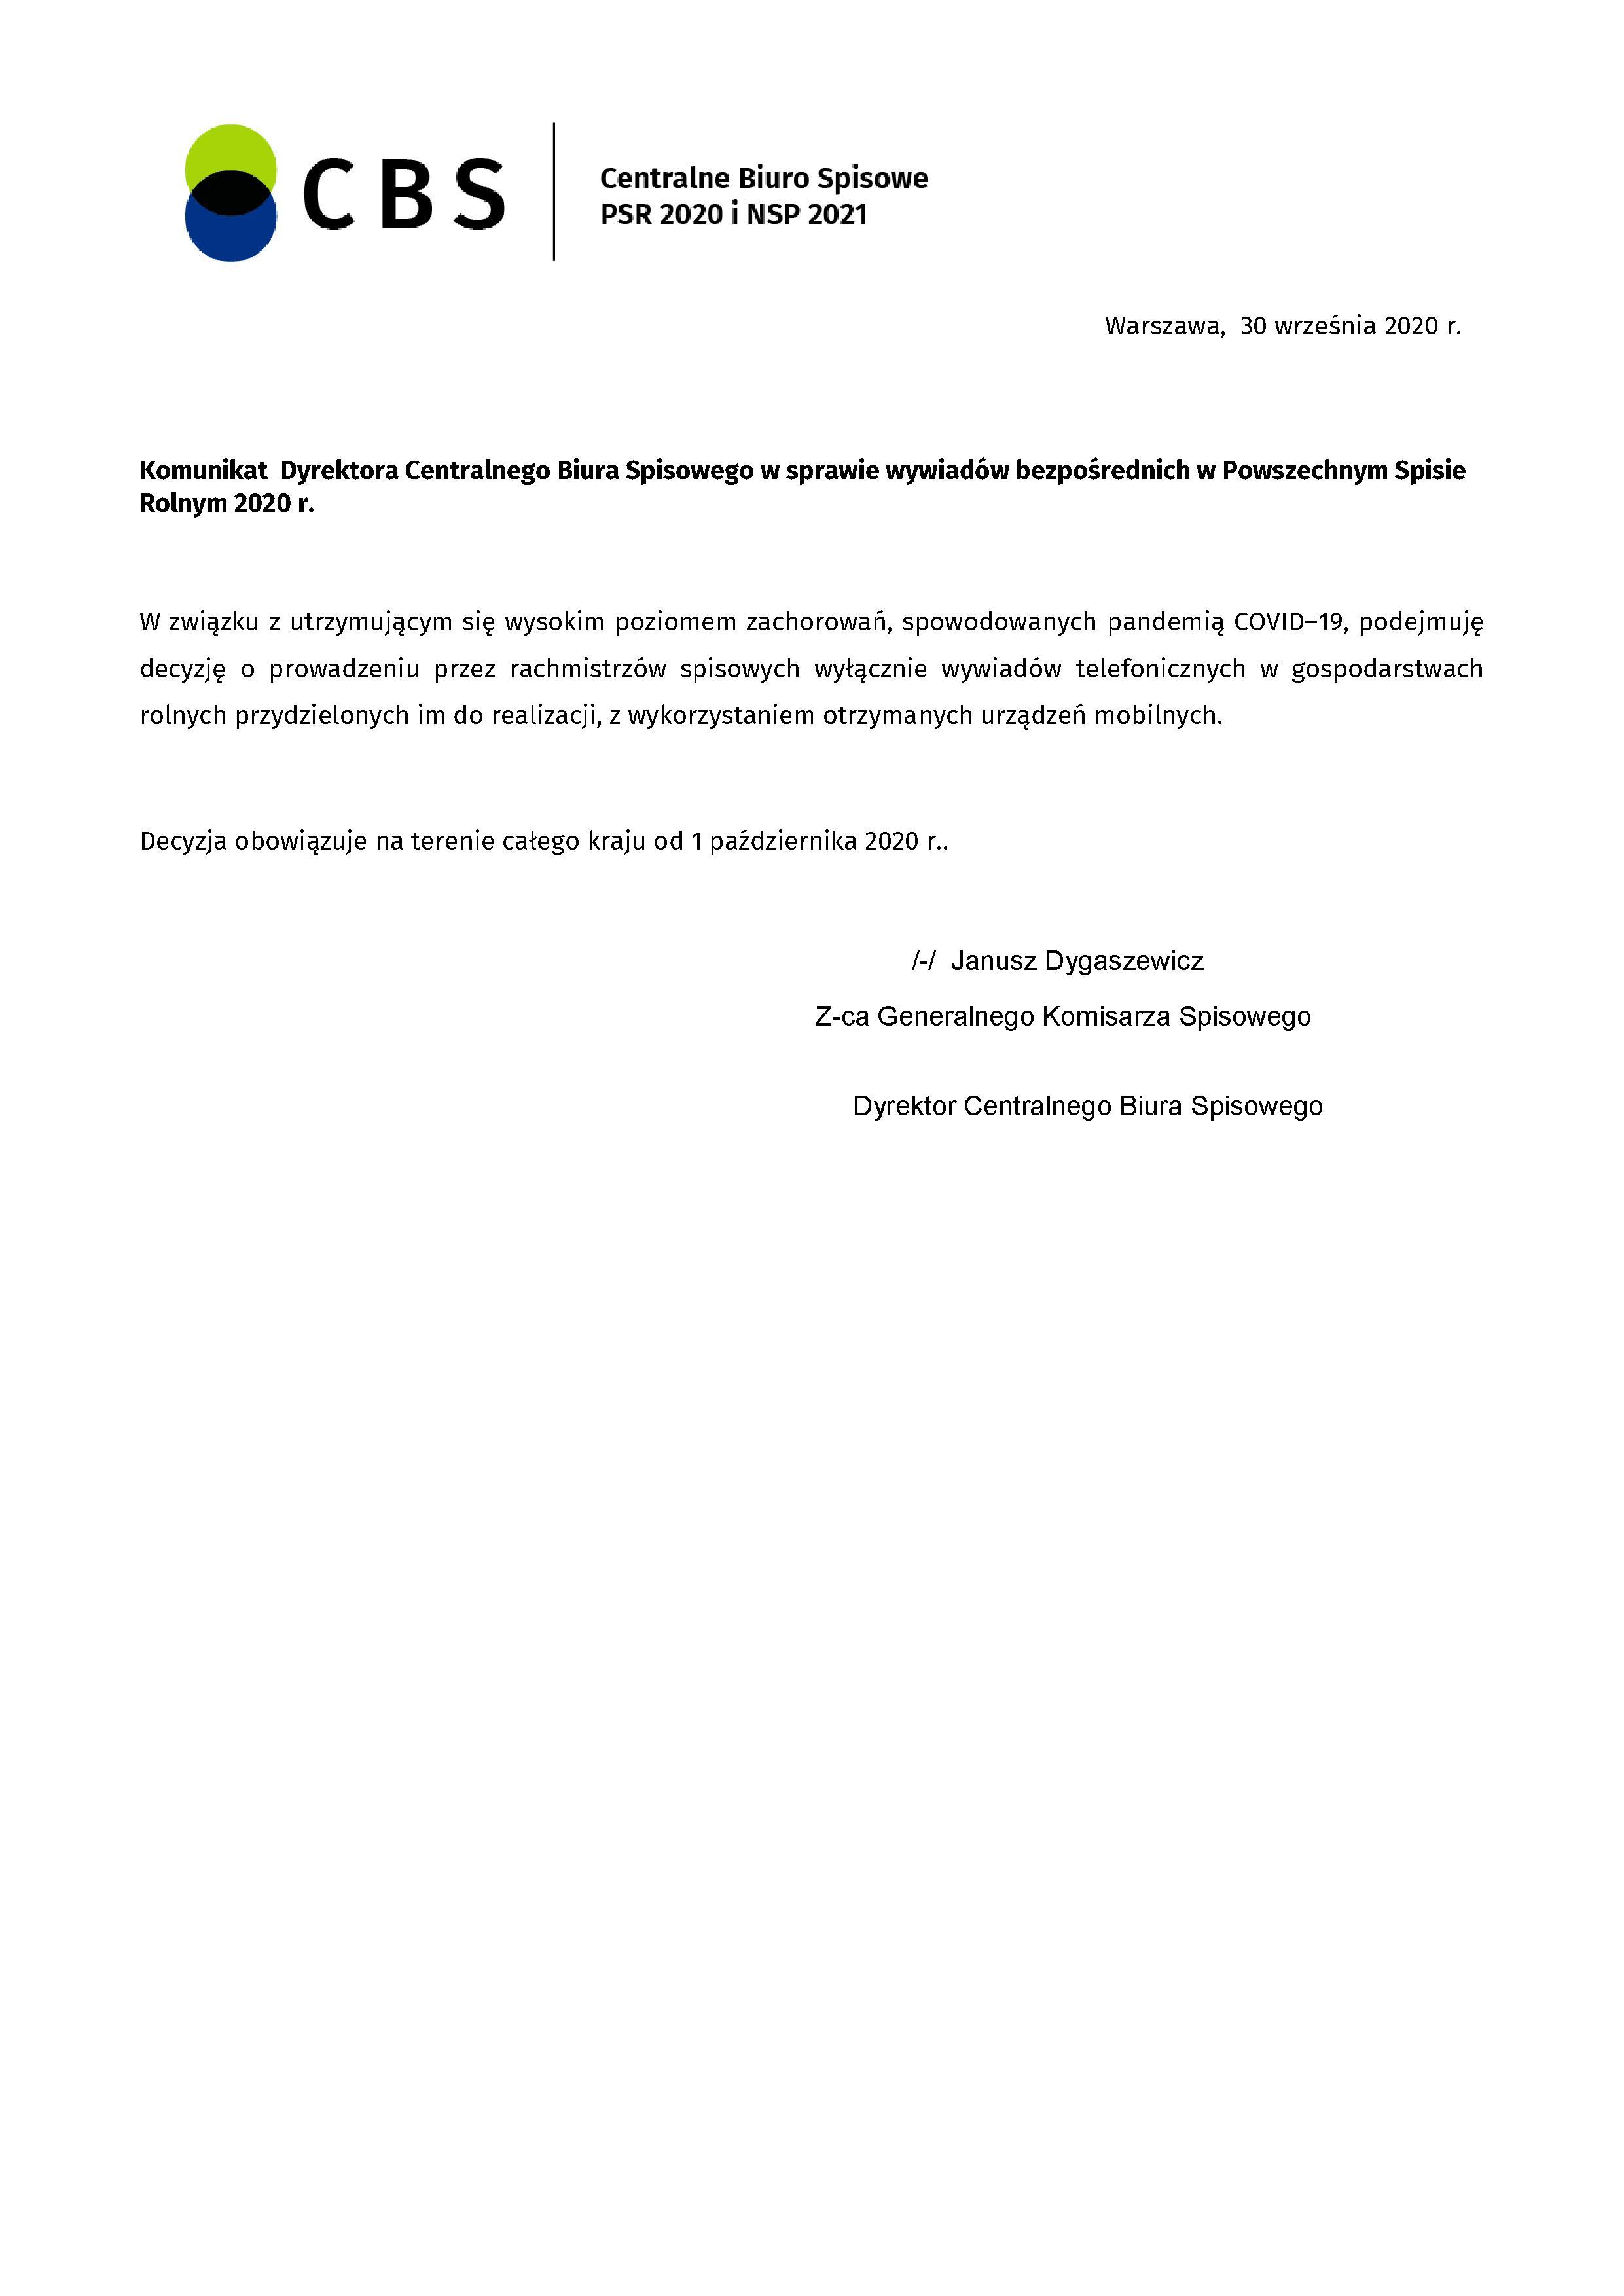 PSR 2020 - Komunikat Dyrektora CBS w sprawie sposobu prowadzenia wywiadów